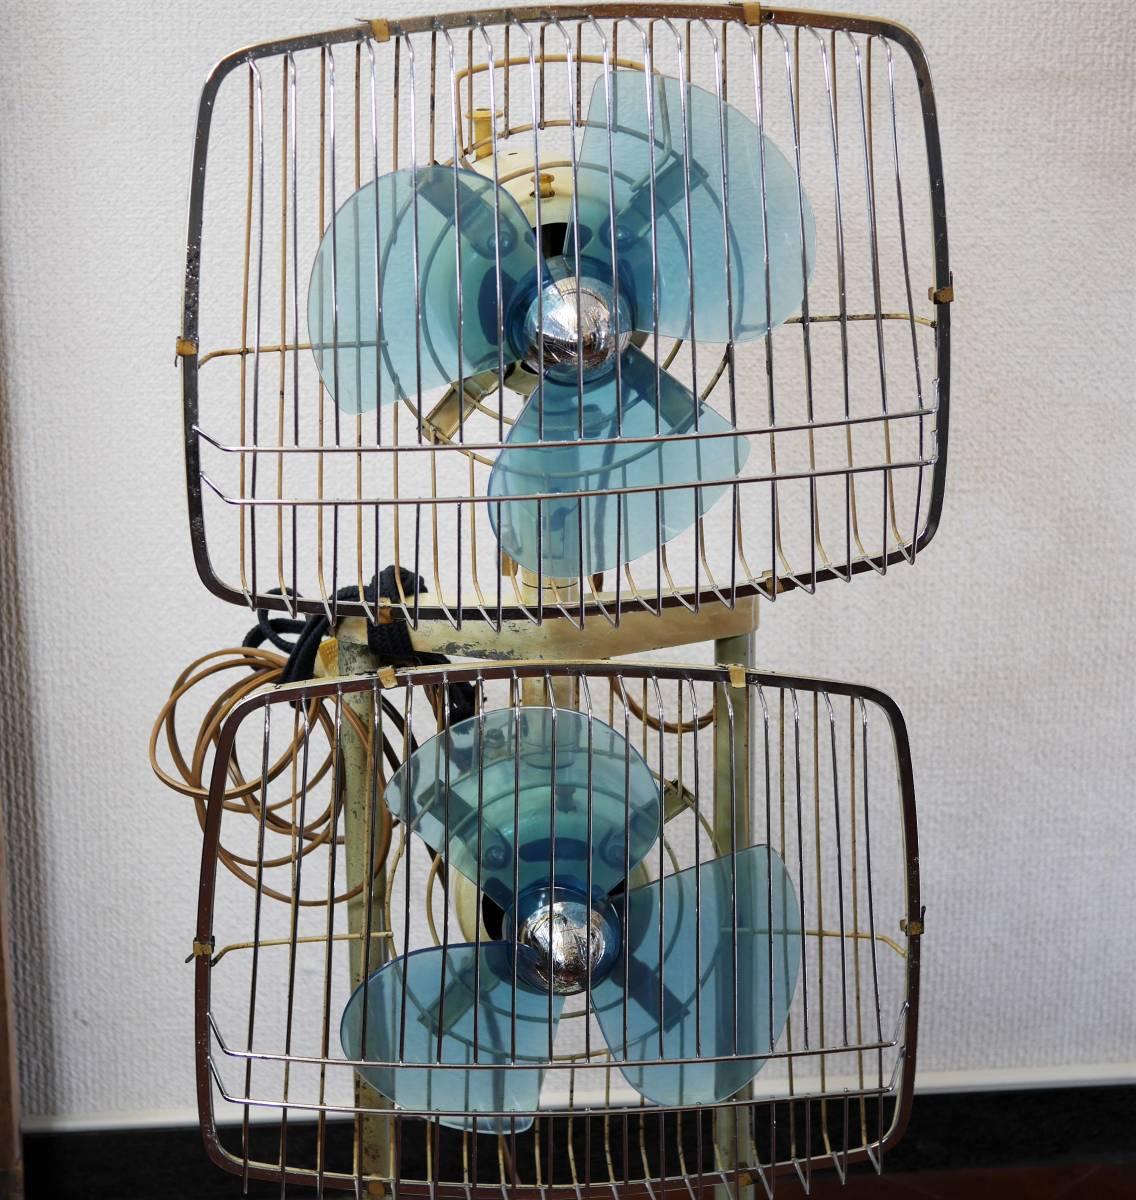 可動品!◆ FUJI 2連式 扇風機 希少 レトロ 当時物【Silent Pair】アンティーク_画像2